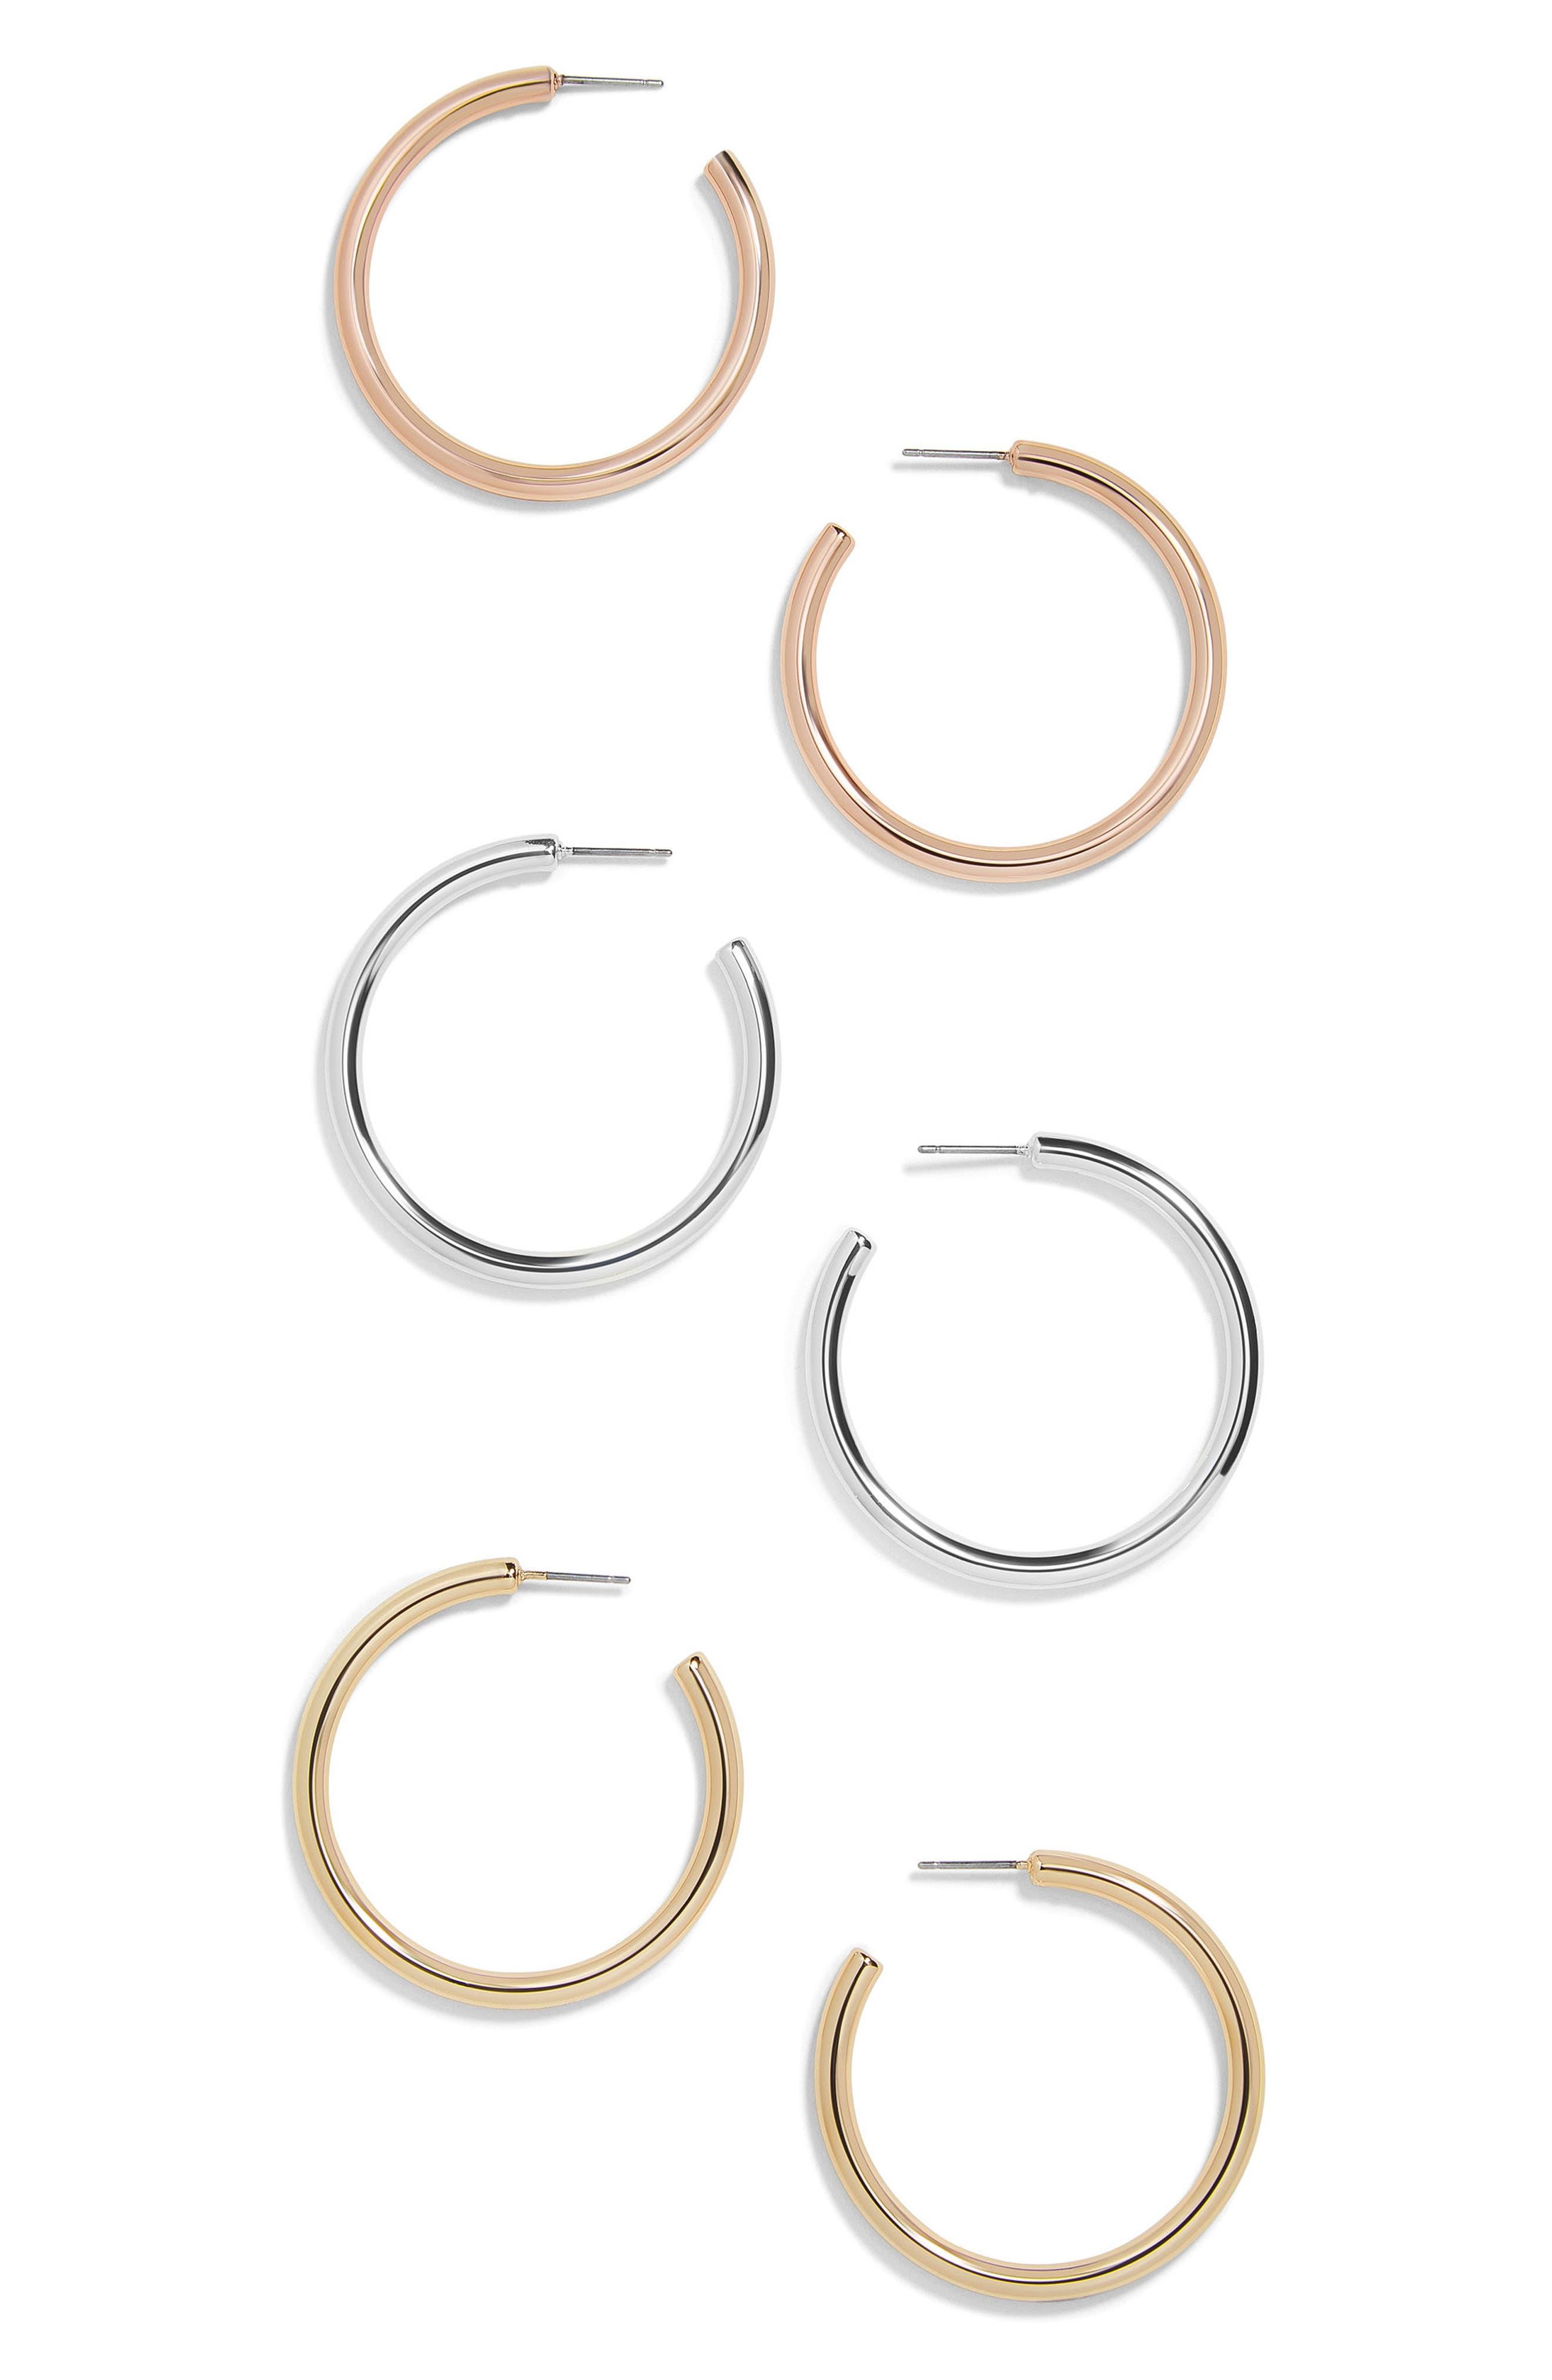 Jordan Set of 3 Hoop Earrings,                         Main,                         color, 710